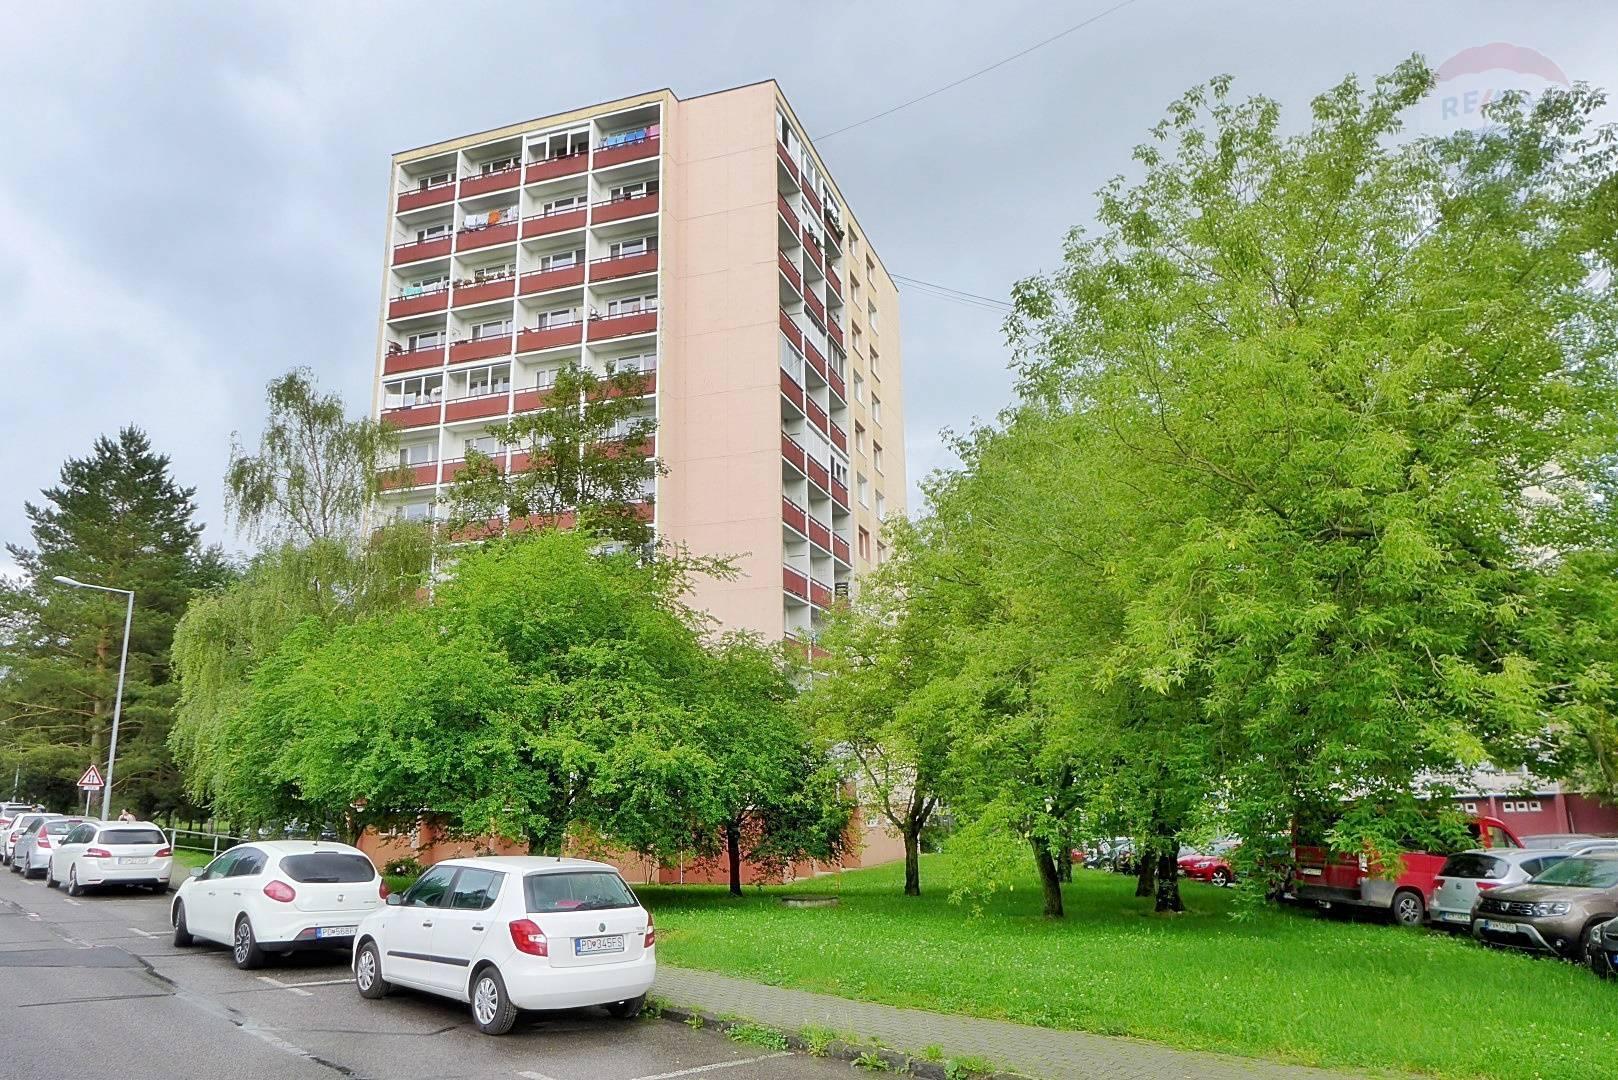 2 izbový byt, 63 m2, 3 x lógia ul. Dlhá - centrum mesta - PRIEVIDZA